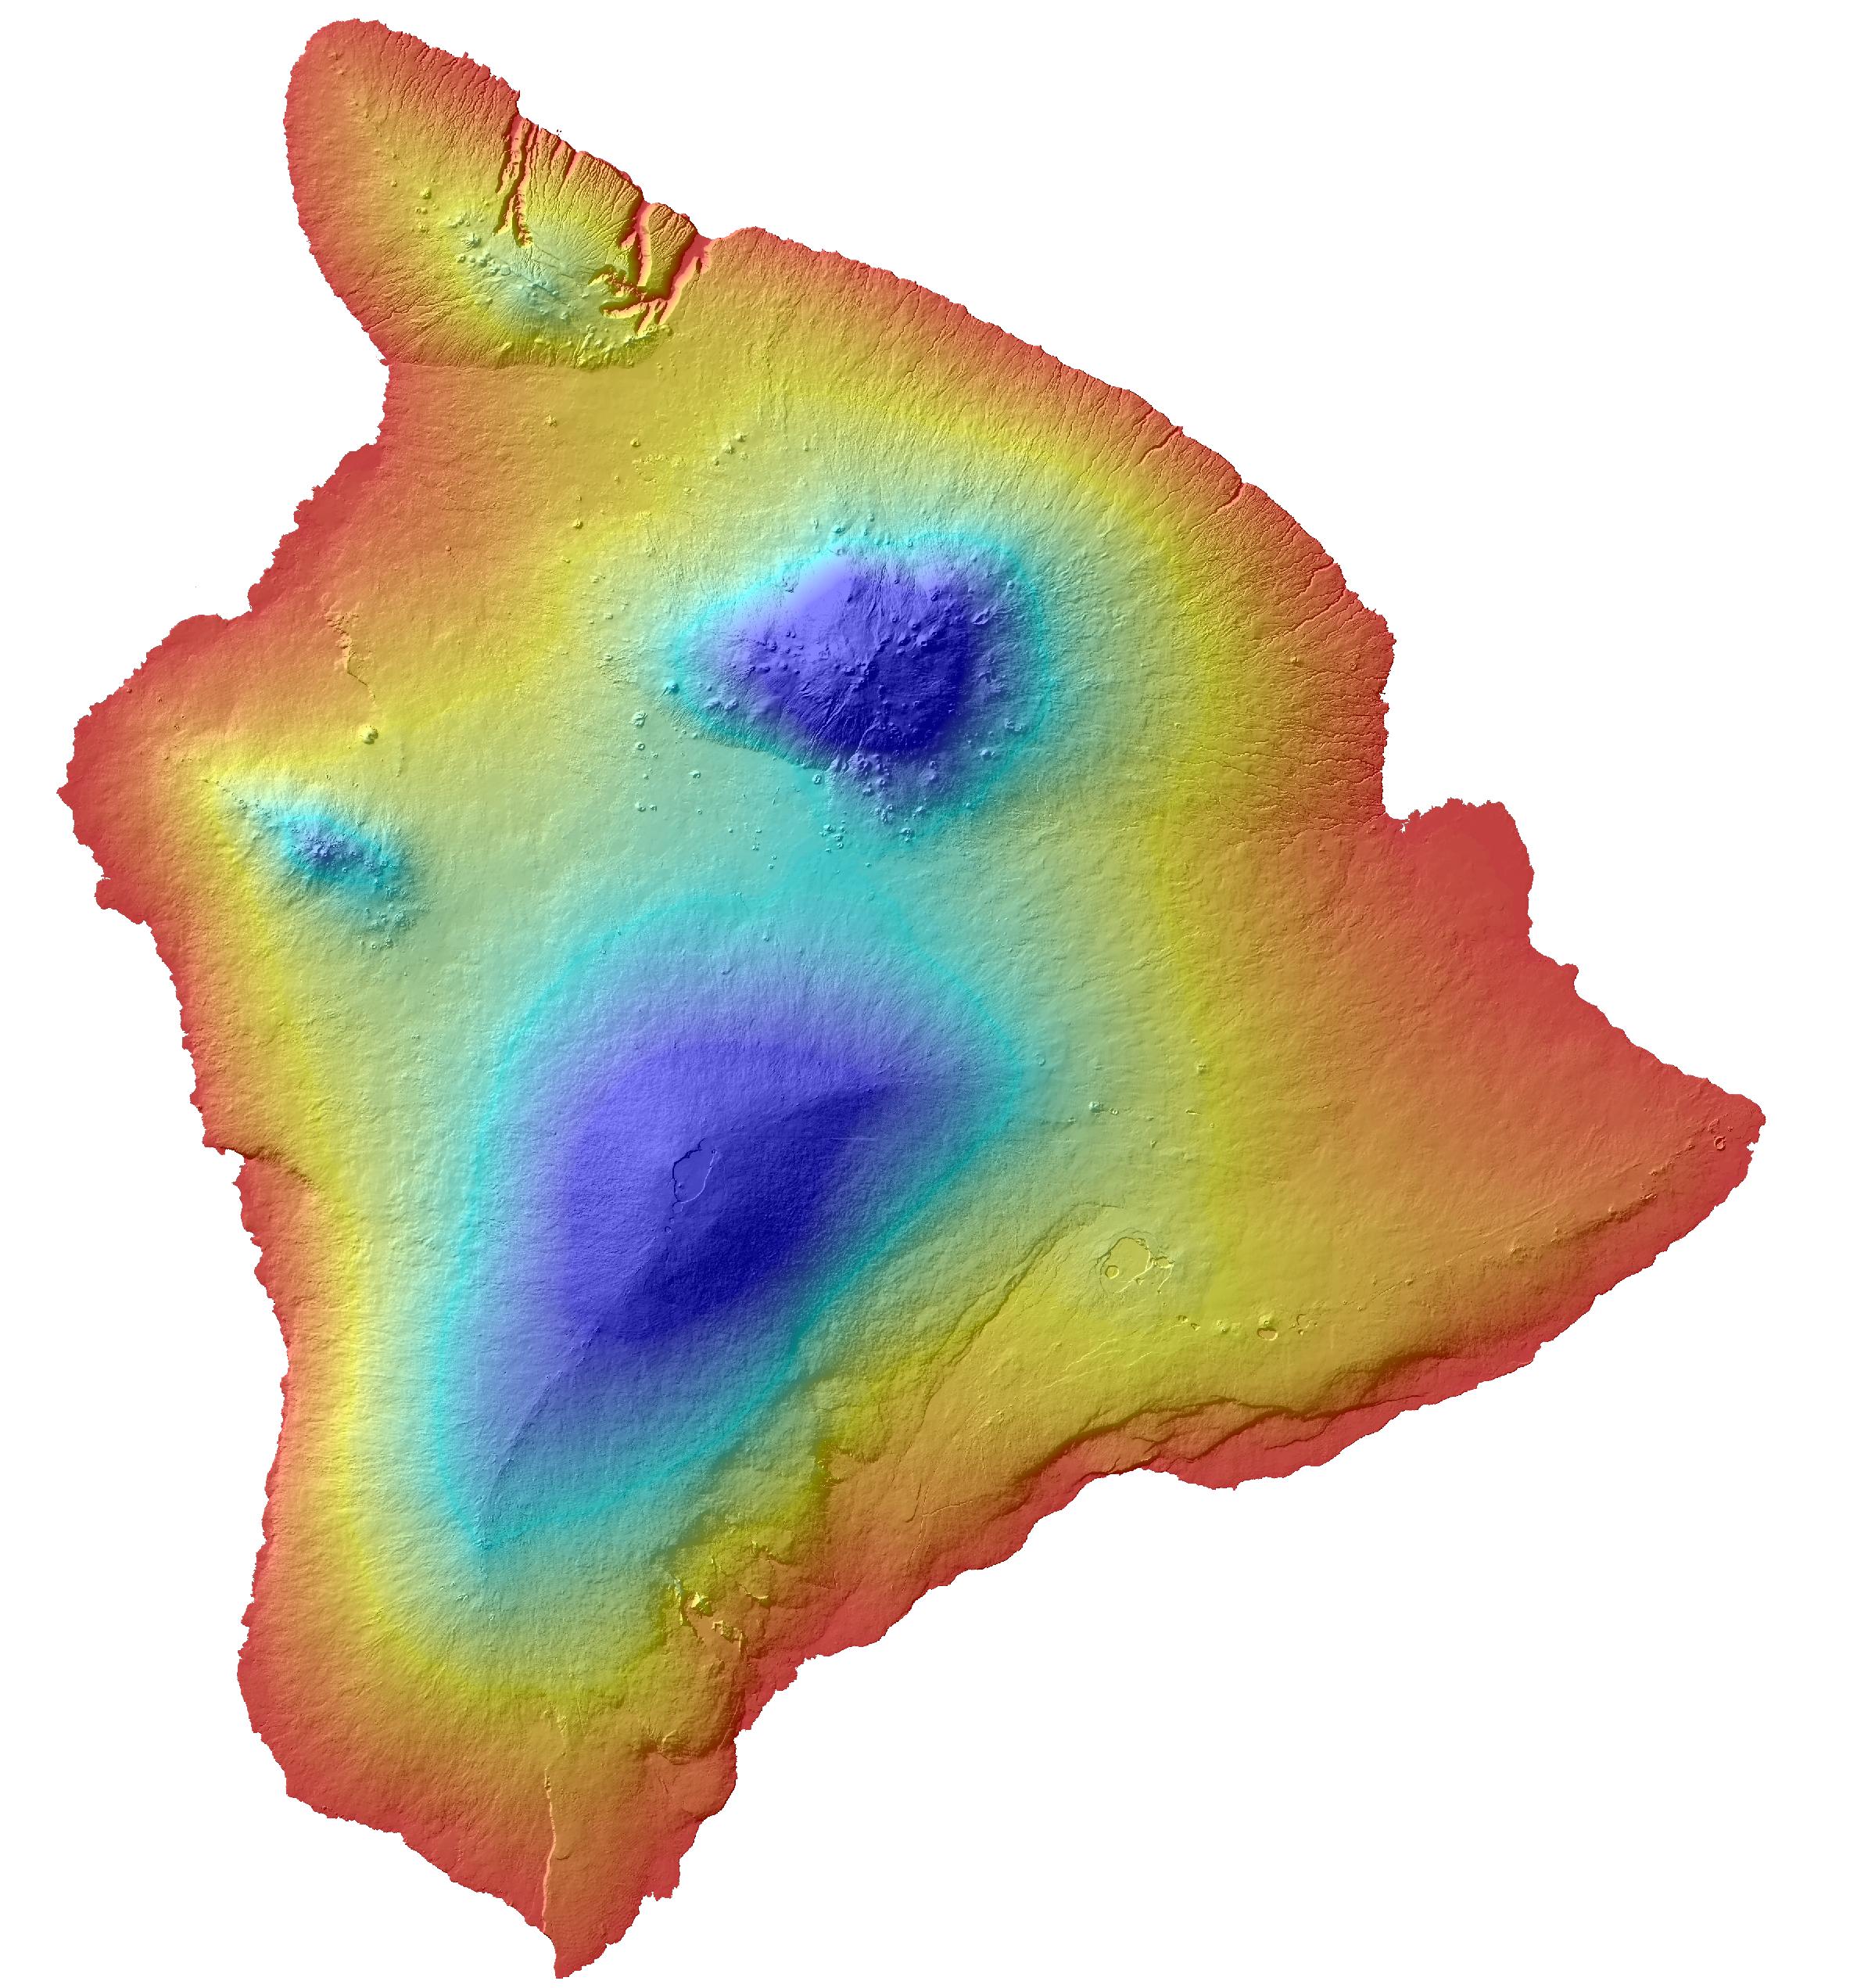 10-meter Hawaiian Data